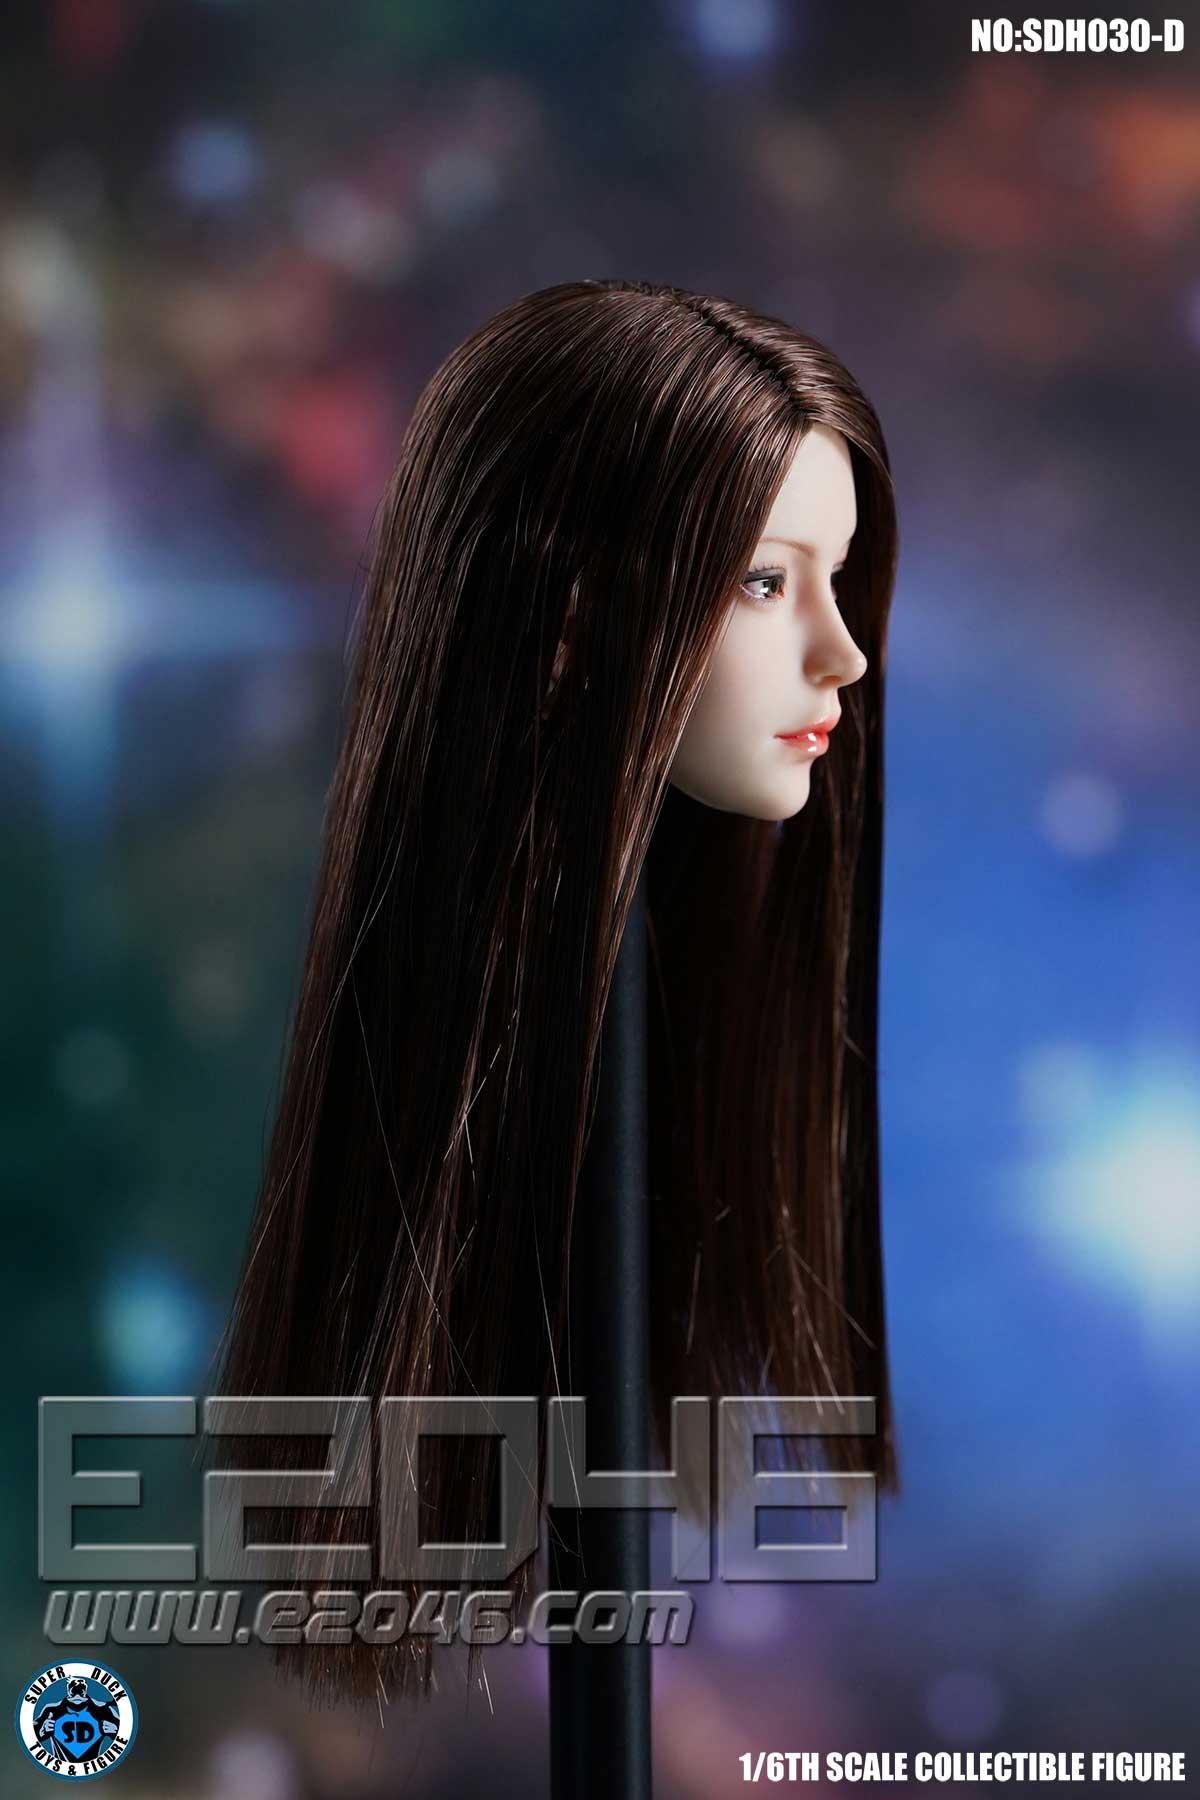 Female Head Sculpture D (DOLL)